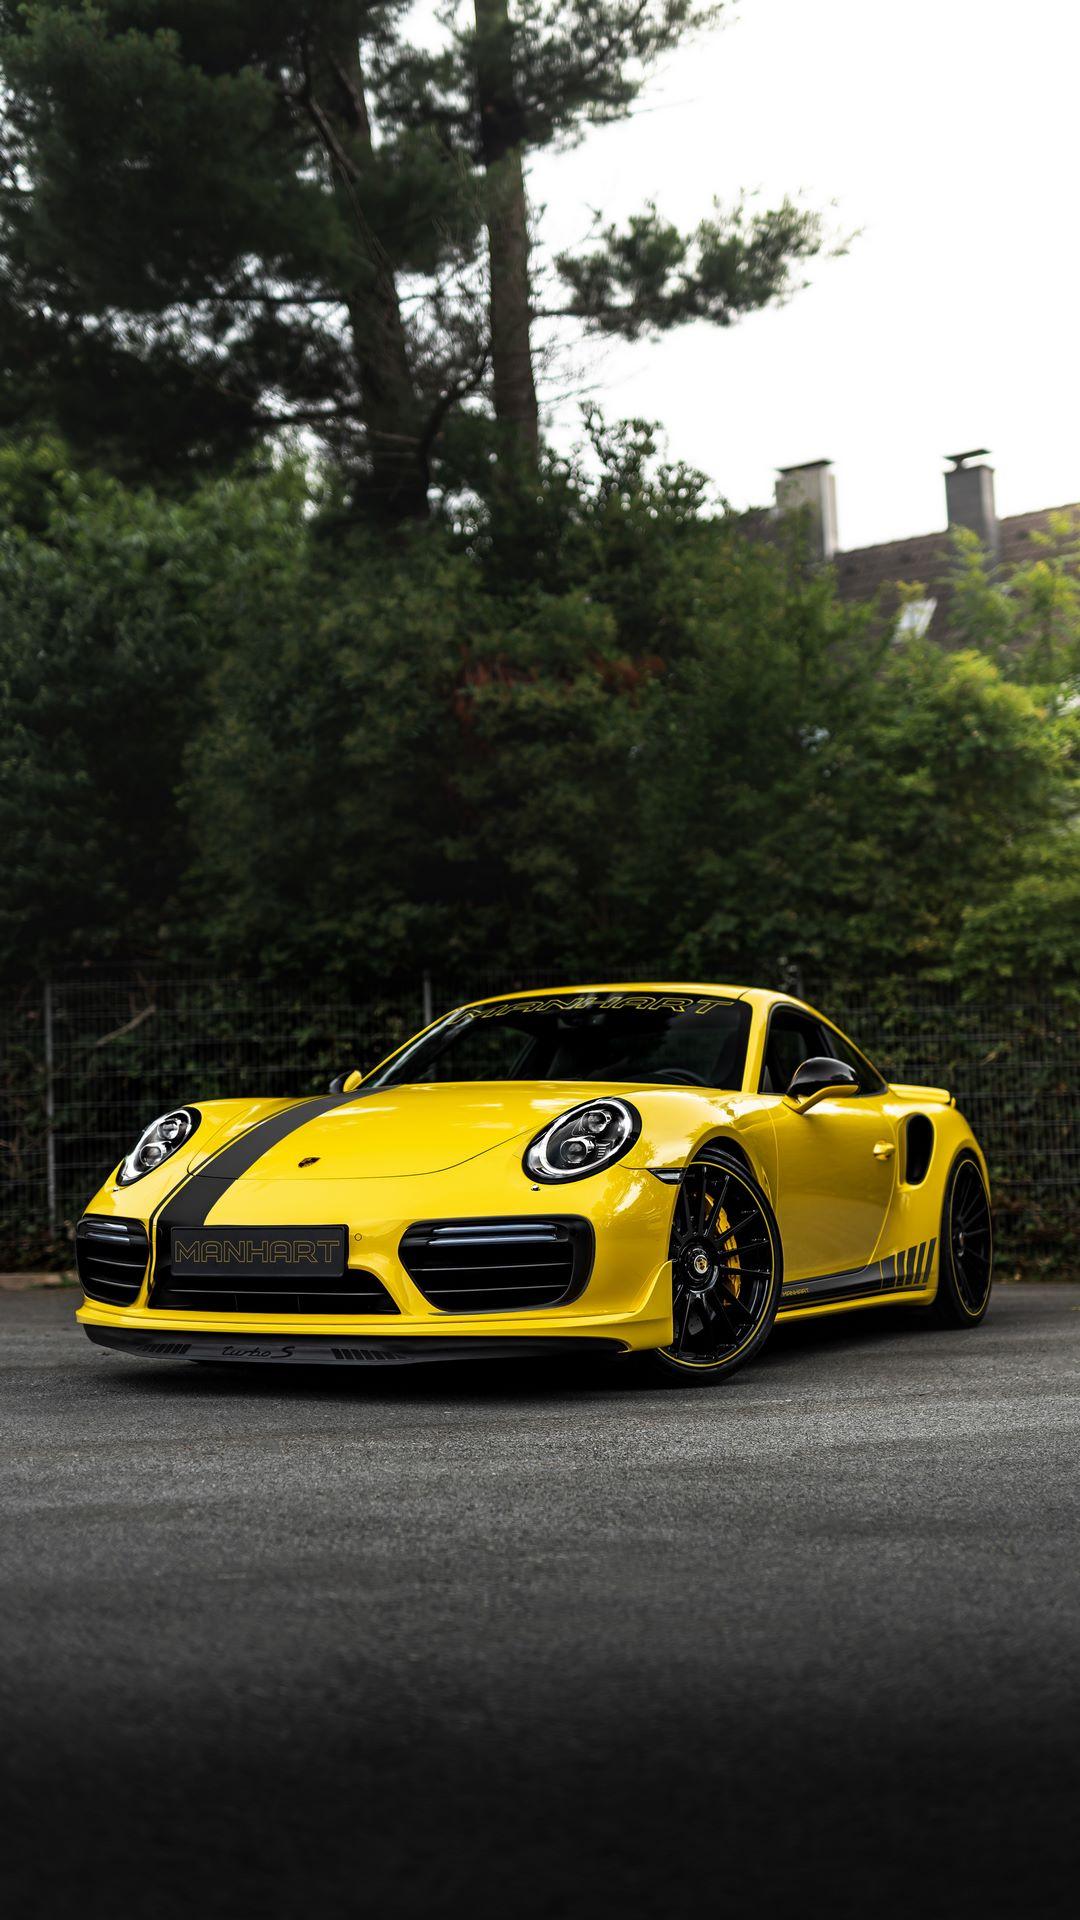 Porsche-911-Turbo-S-by-Manhart-14